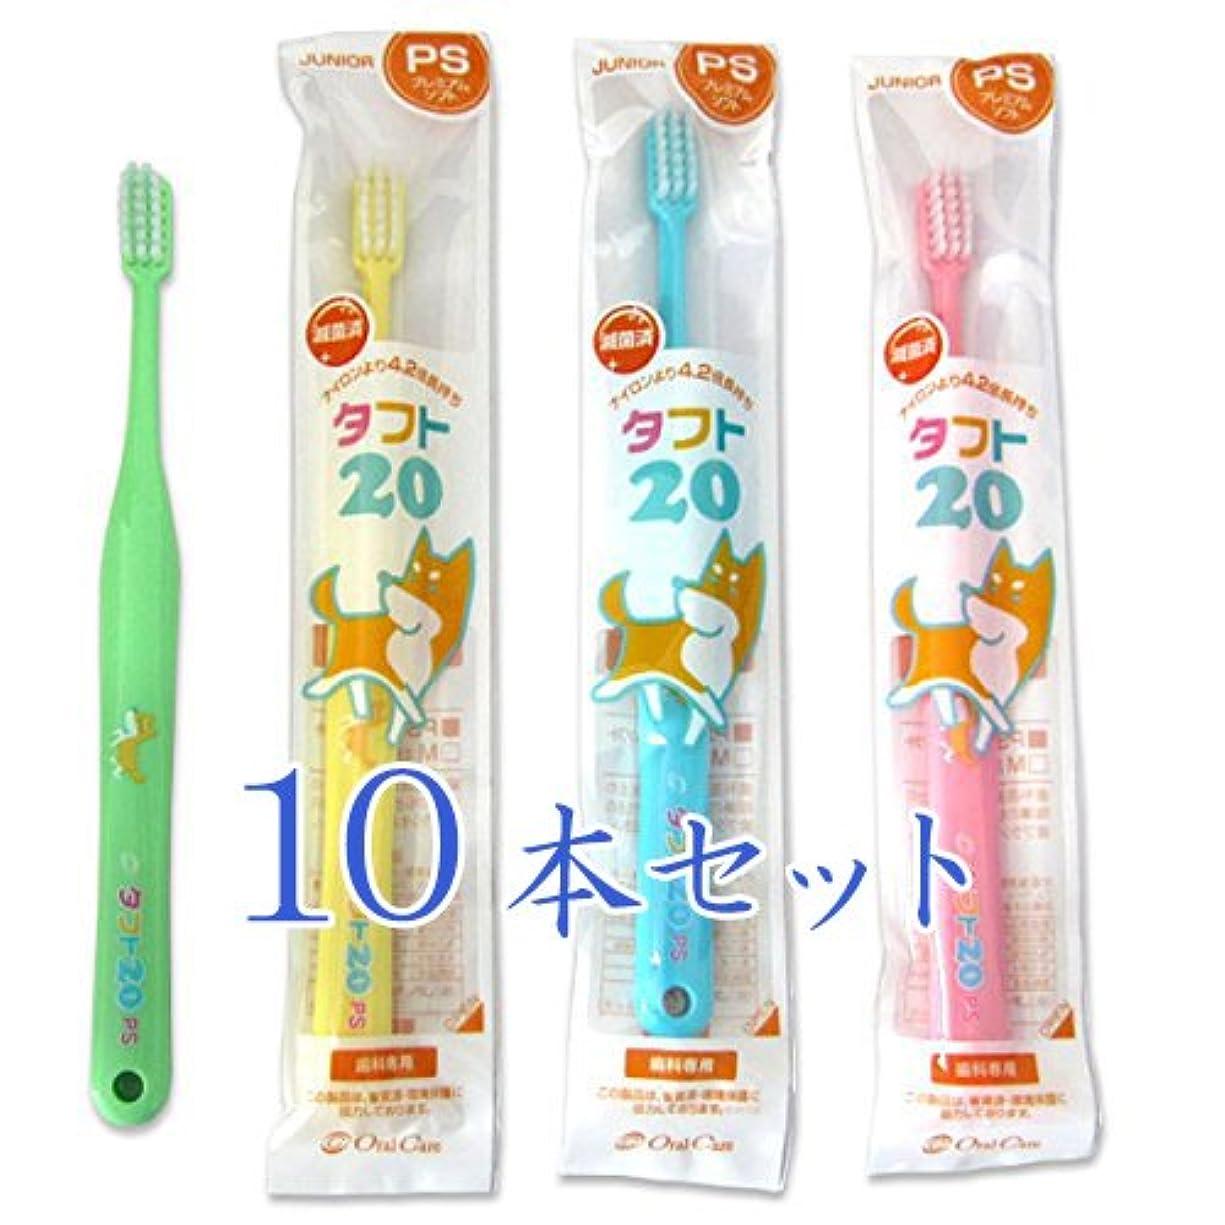 罰うまくいけばオーガニックタフト20 PS プレミアムソフト 歯ブラシ混合歯列期用(6~12歳)×10本セット